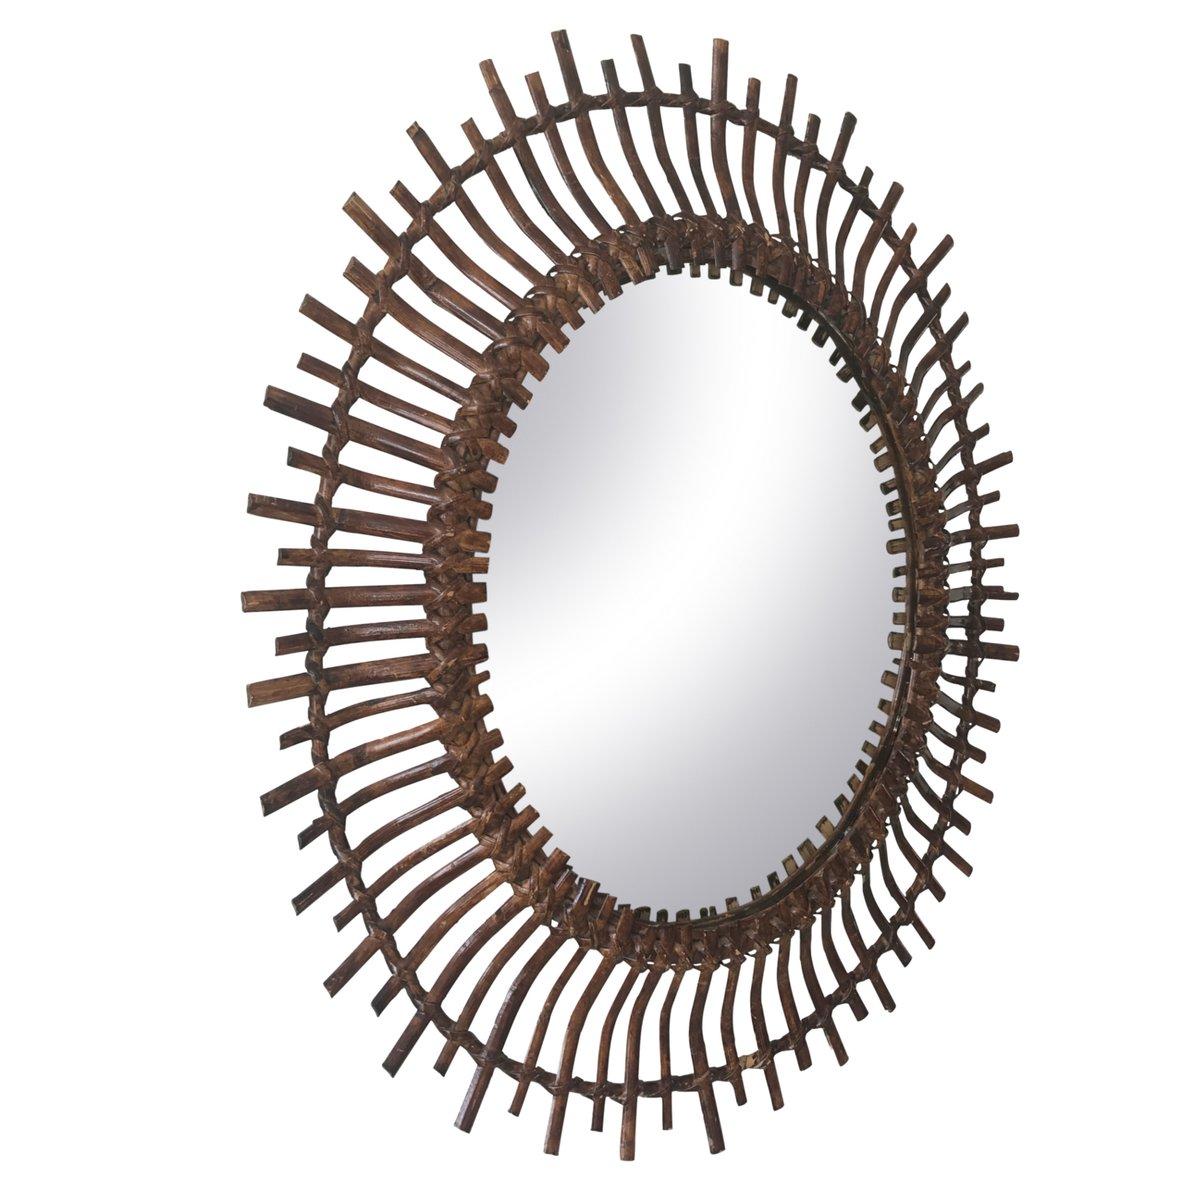 Specchio ovale mid century moderno a forma di sole in vimini spagna anni 39 60 in vendita su pamono - Specchio a forma di sole ...